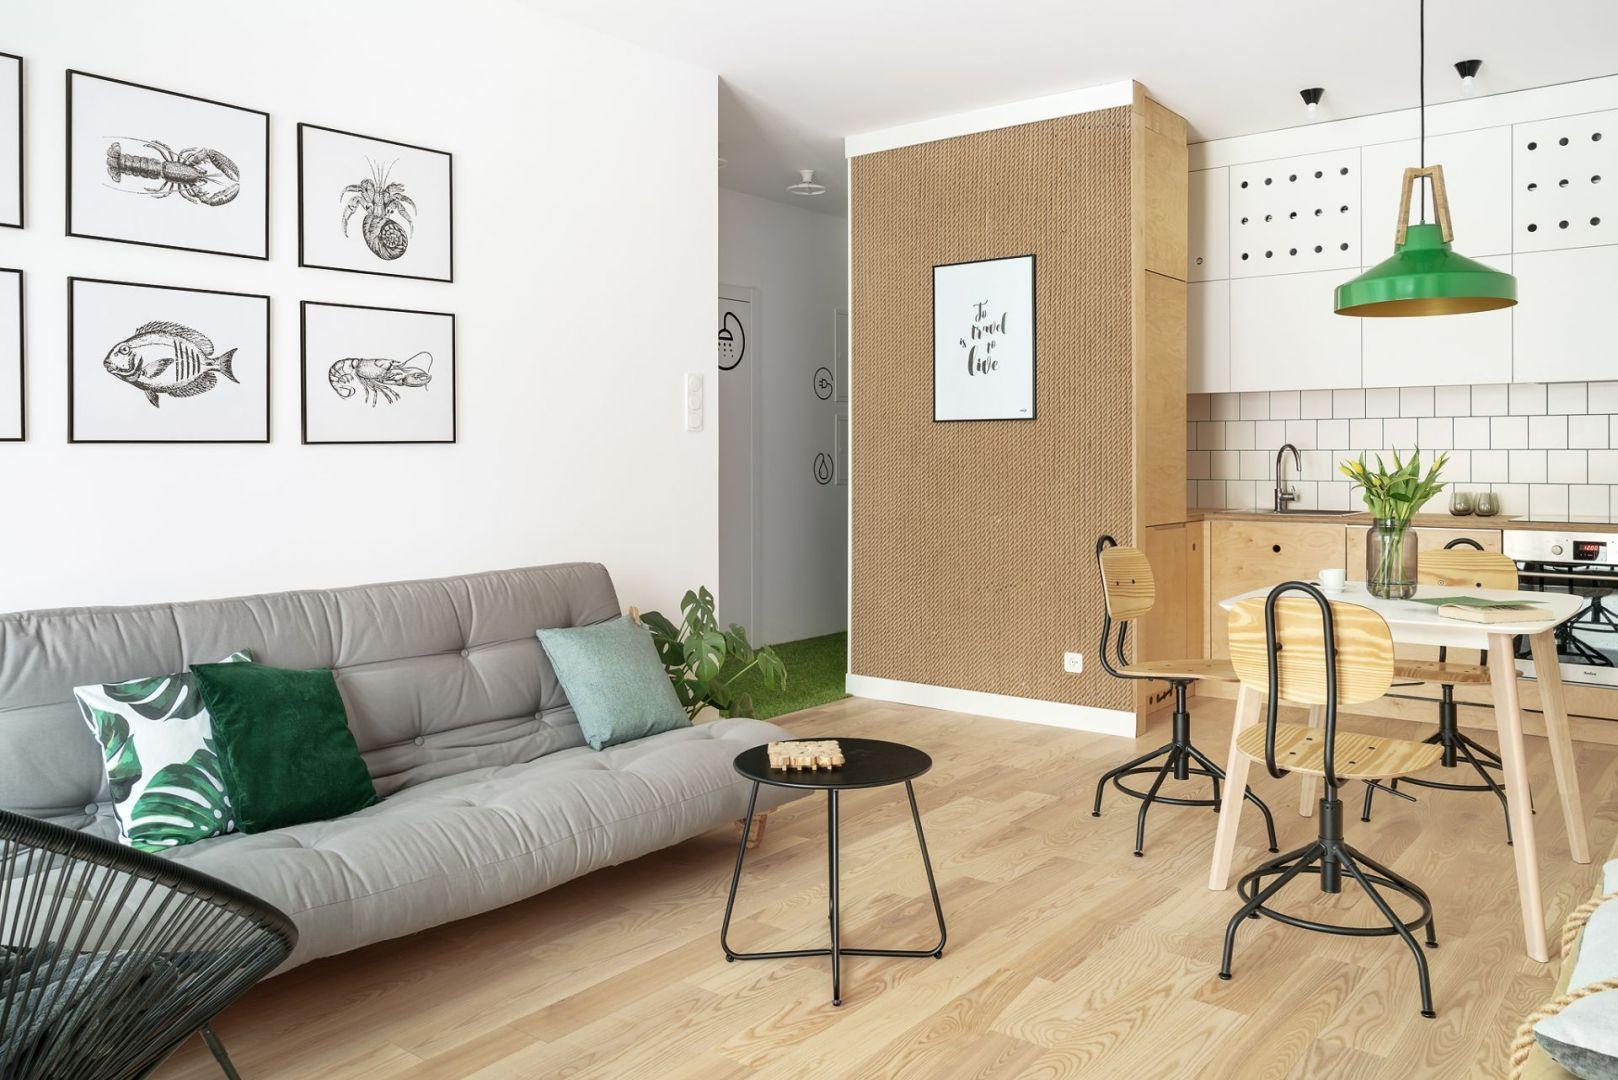 Salon z kuchnią w bloku. Projekt Maka Studio (Daria Pawlaczyk, Aleksandra Kurc). Fot. Tom Kurek